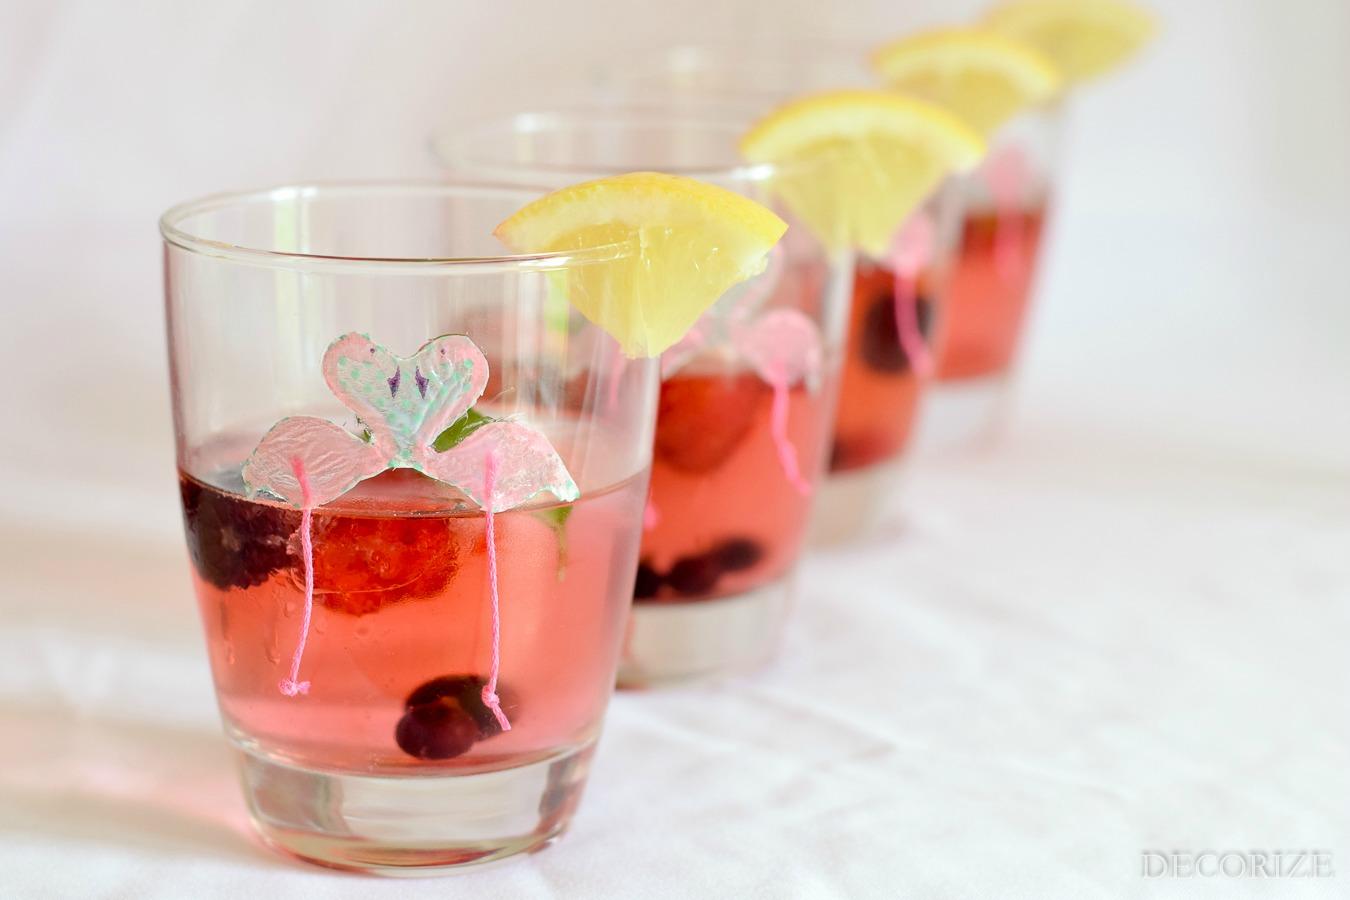 pink-lemonade-flamingo-3331